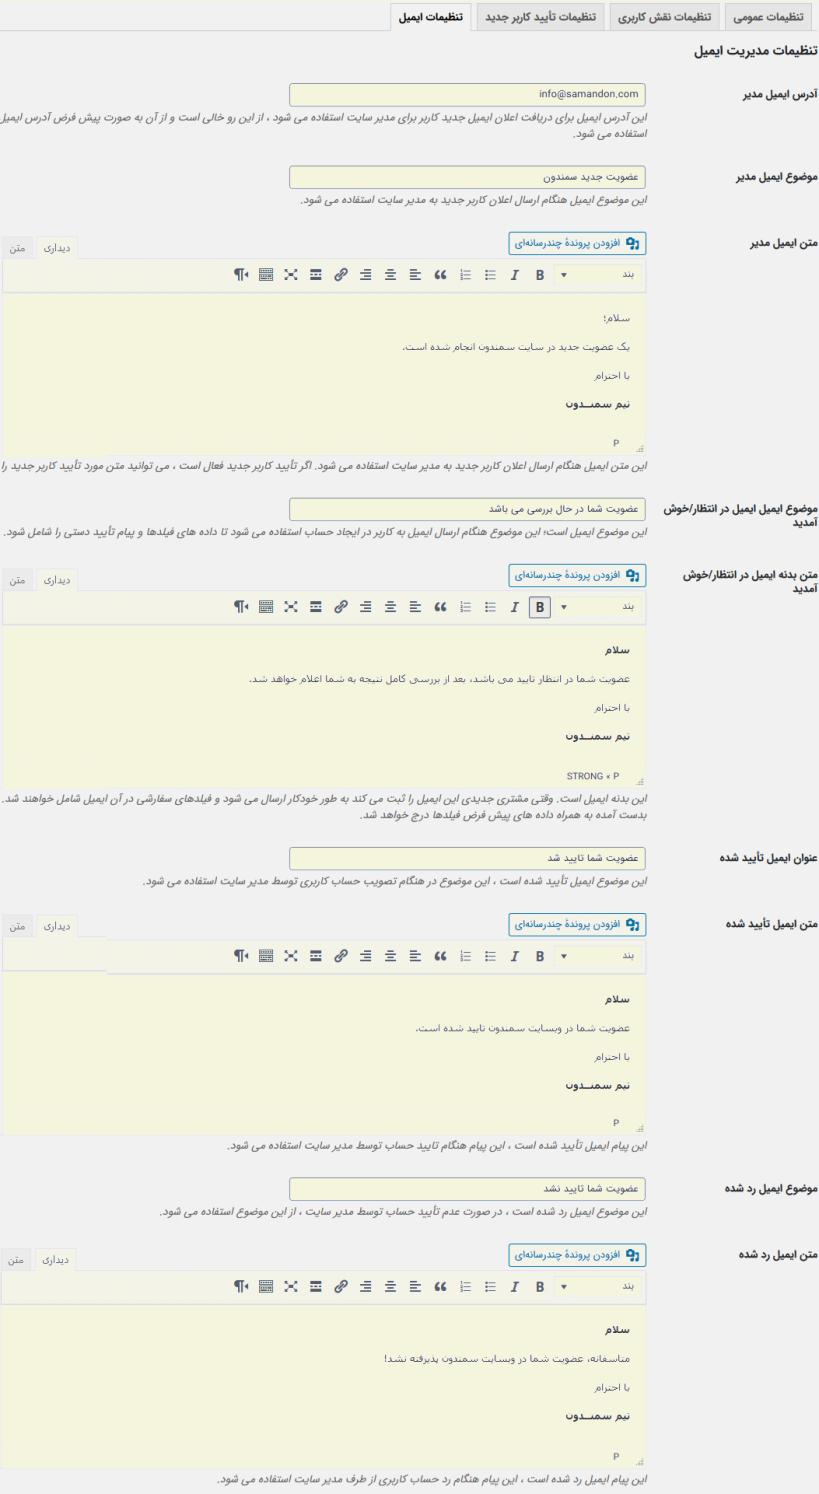 تنظیمات اعلان اطلاع رسانی ایمیلی عضویت کاربران